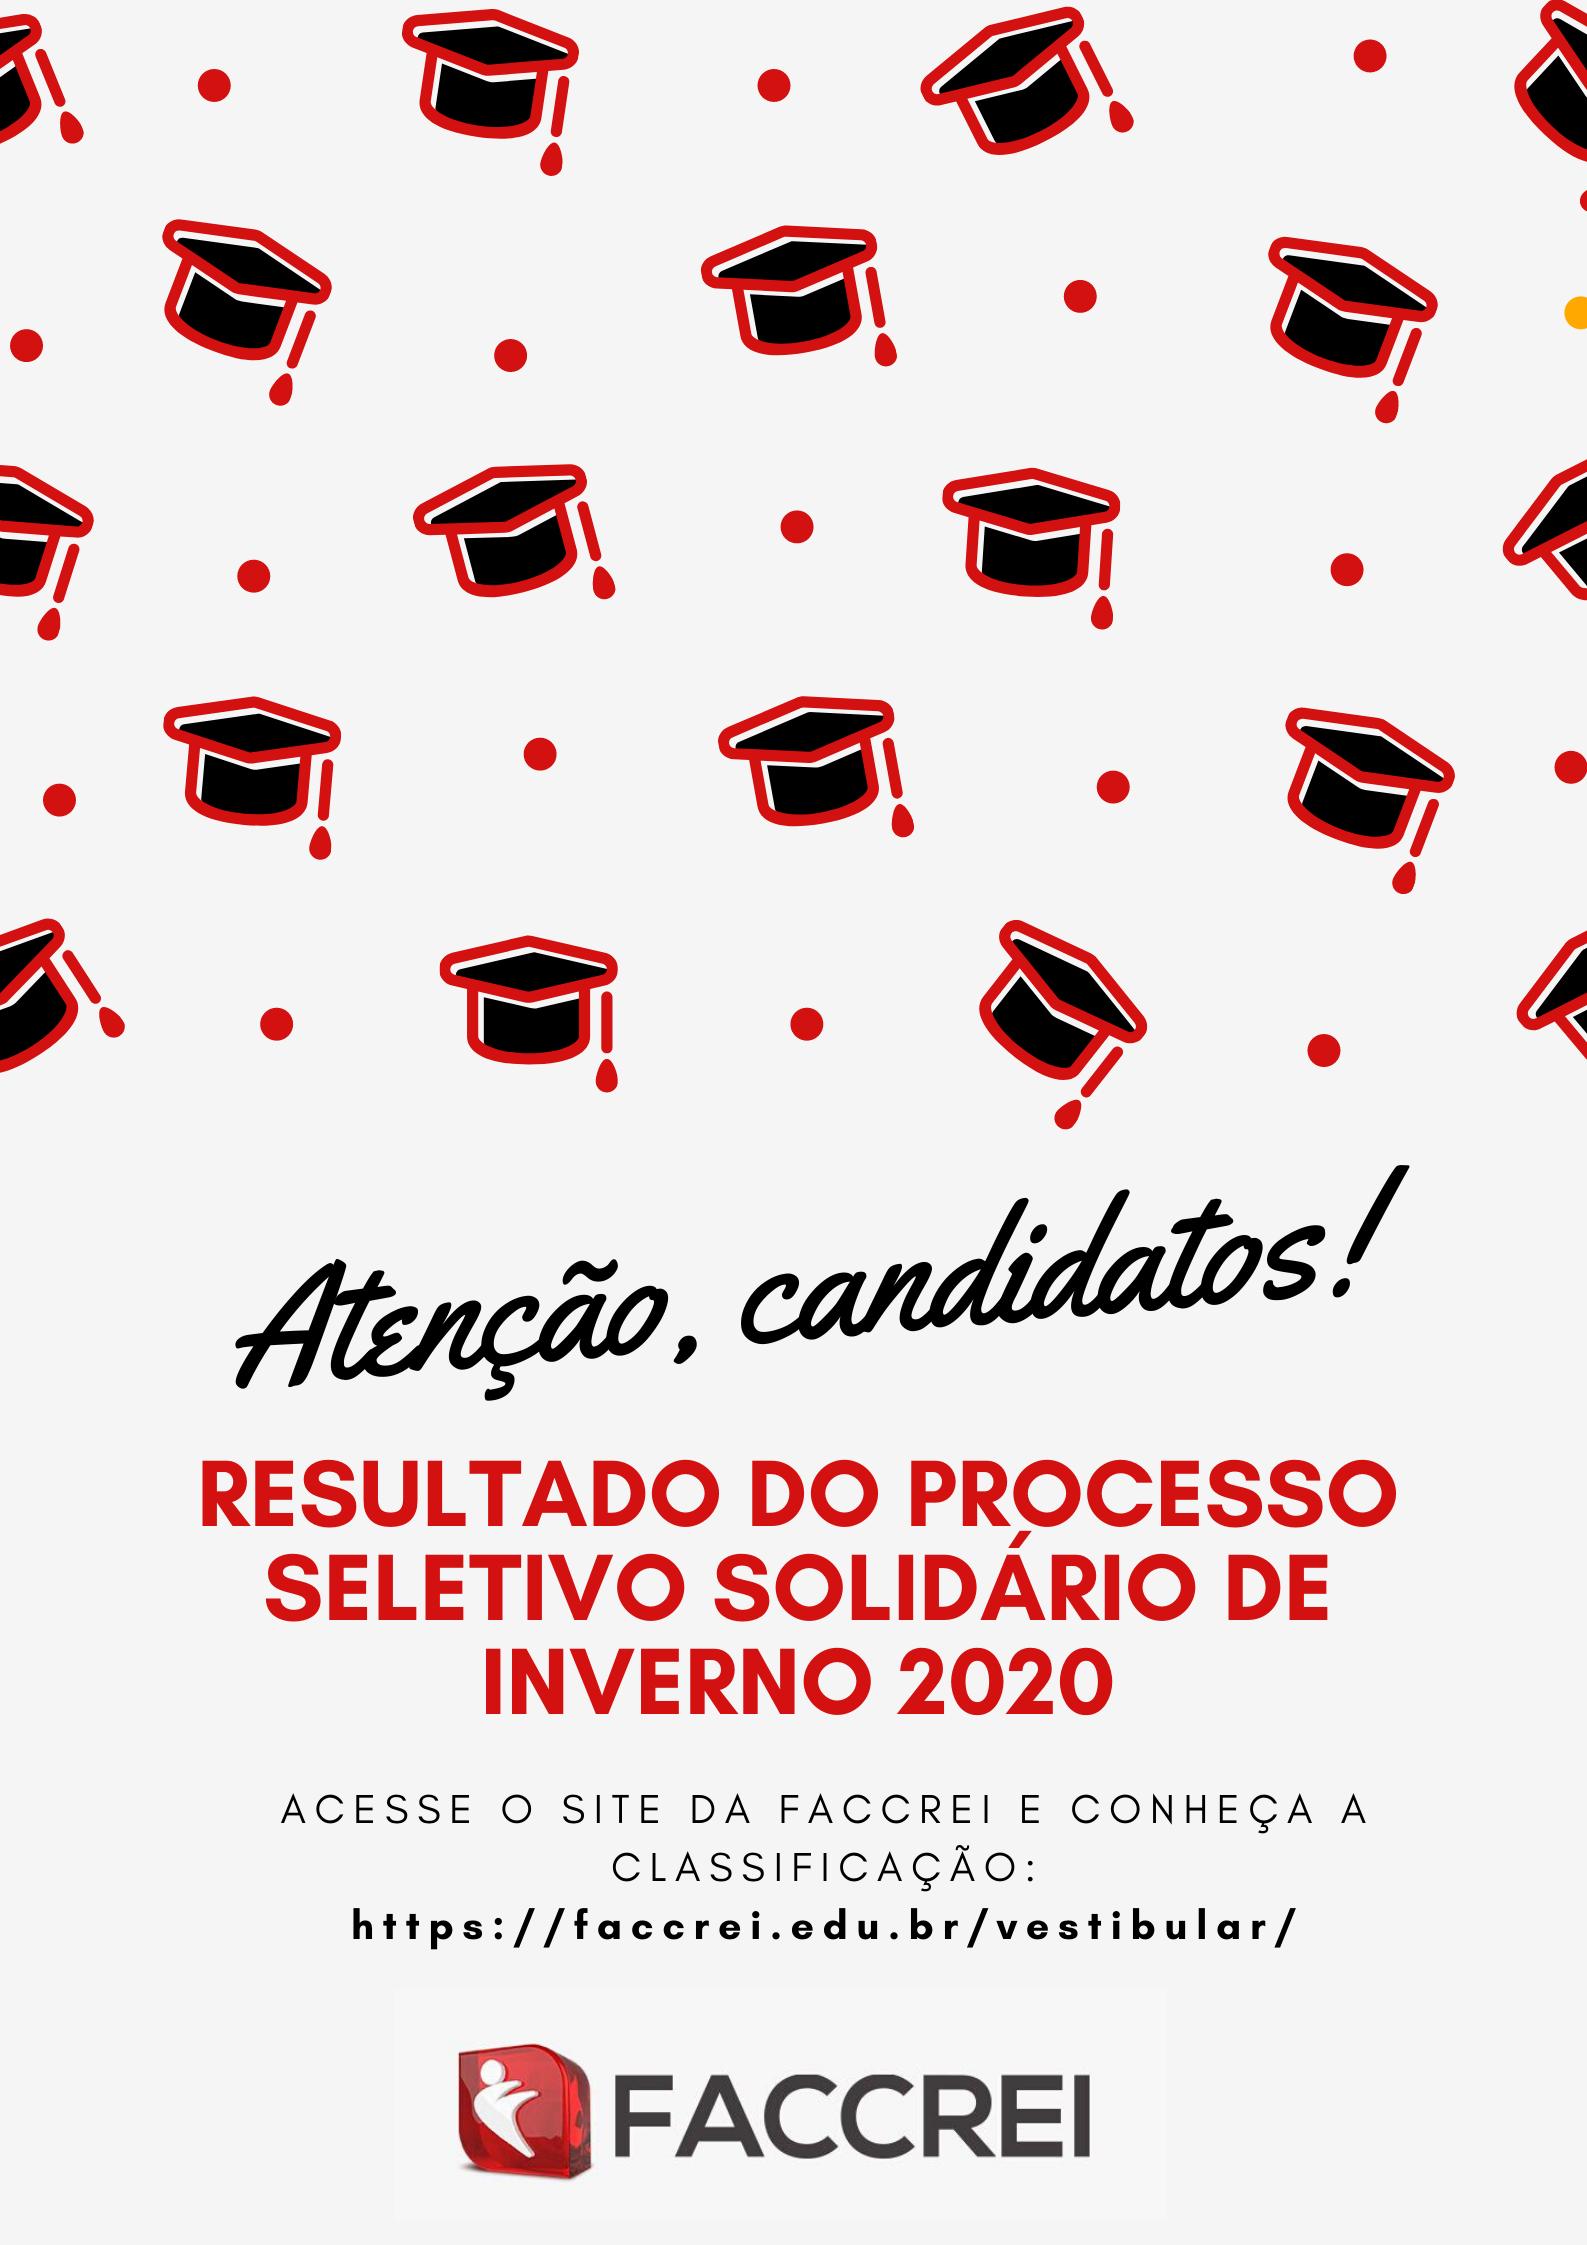 RESULTADO DO PROCESSO SELETIVO SOLIDÁRIO DE INVERNO 2020